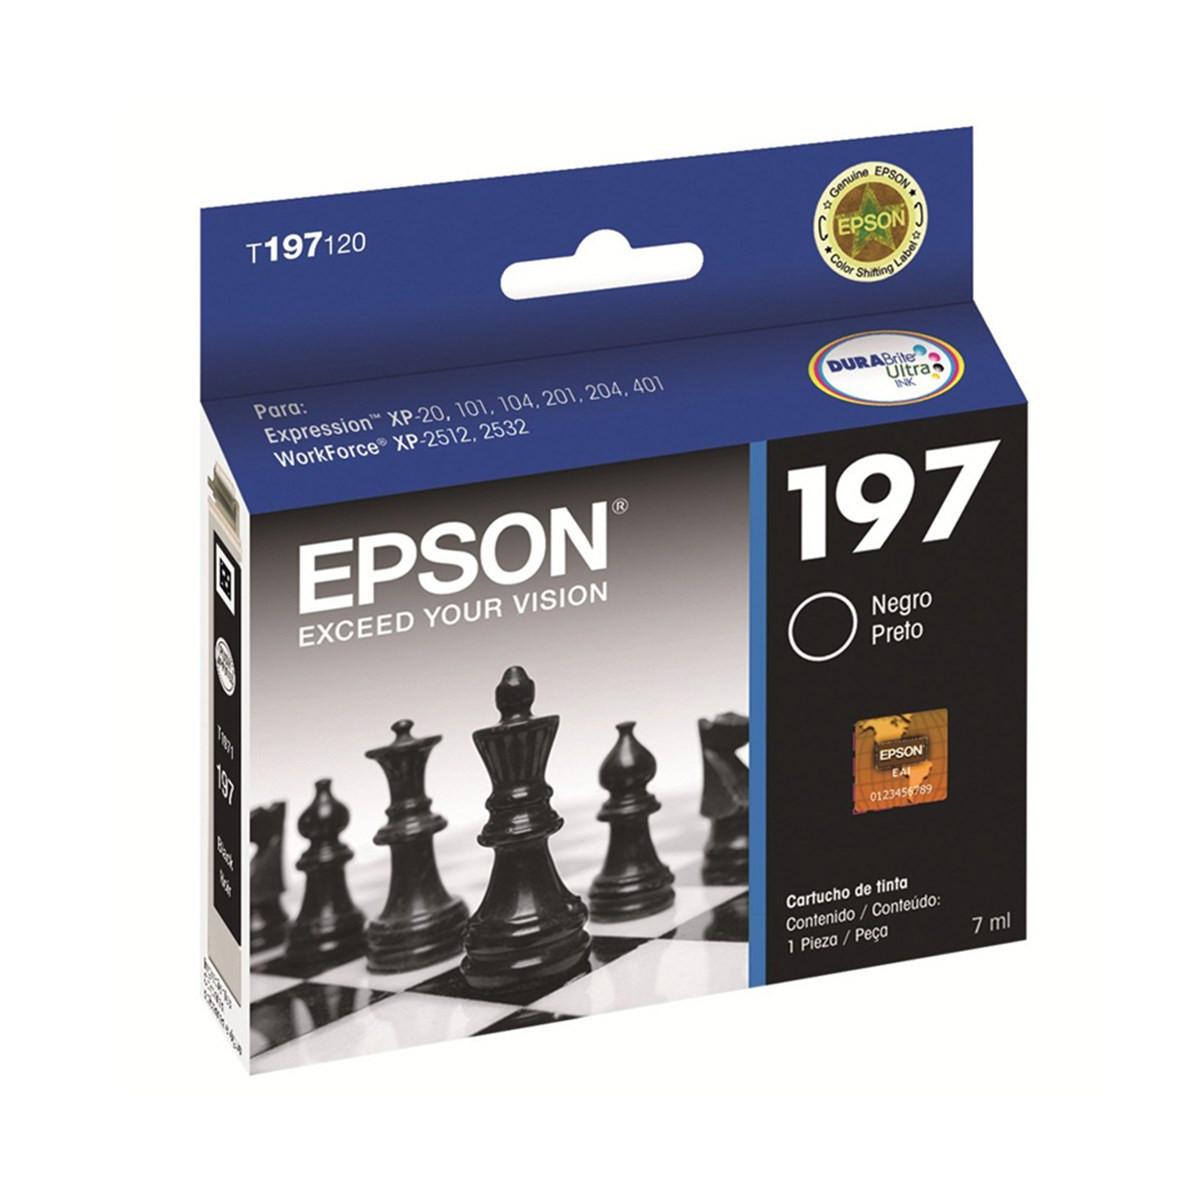 Cartucho de Tinta Epson T197120 T197 Preto | XP101 XP201 XP411 XP214 XP401 WF2532 | Original 8ml